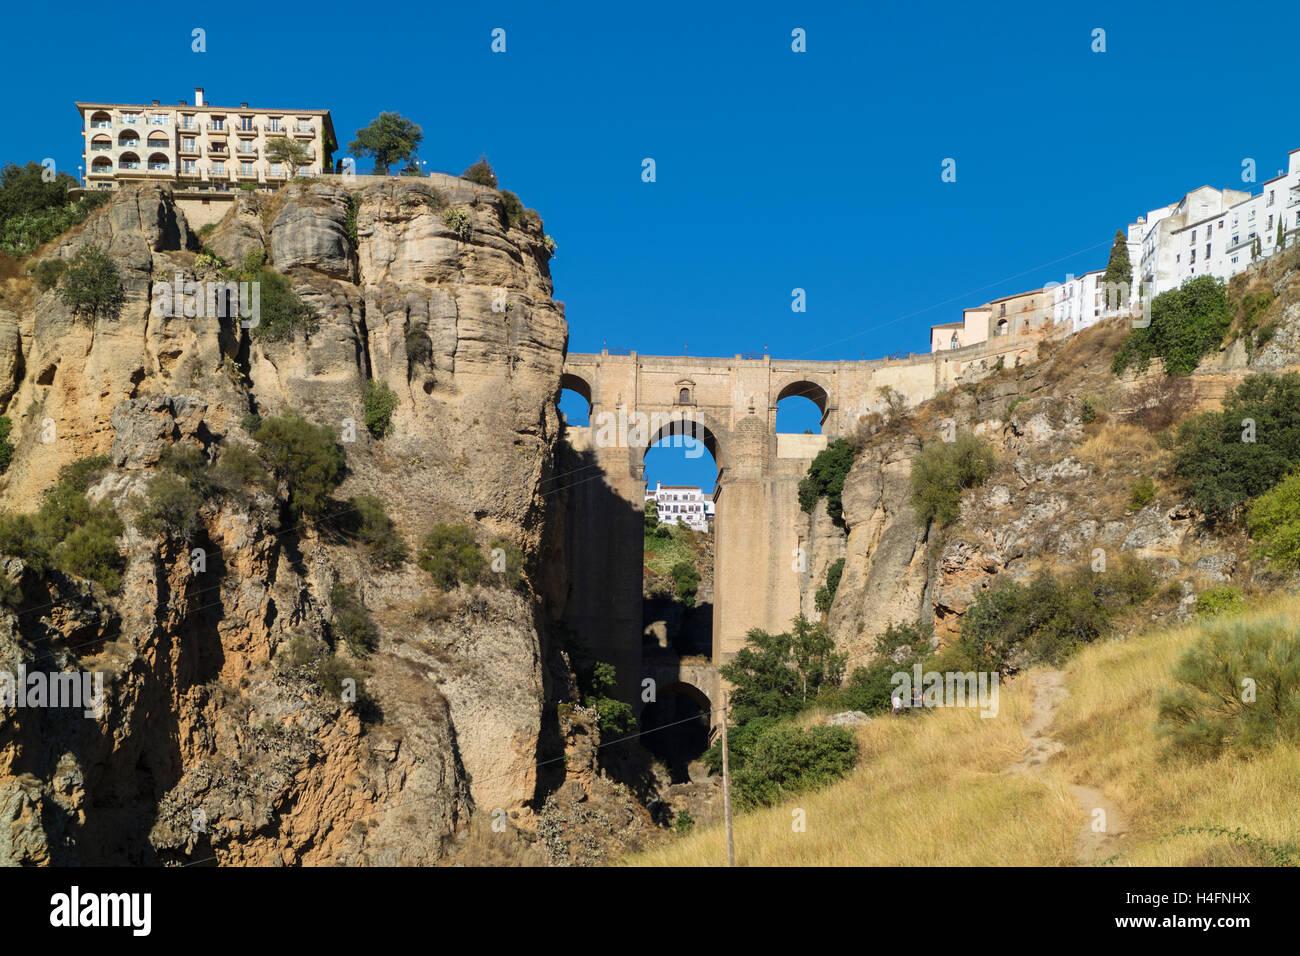 Ronda, provincia di Malaga, Andalusia, Spagna meridionale. La città su entrambi i lati del El Tajo gorge, visto Immagini Stock